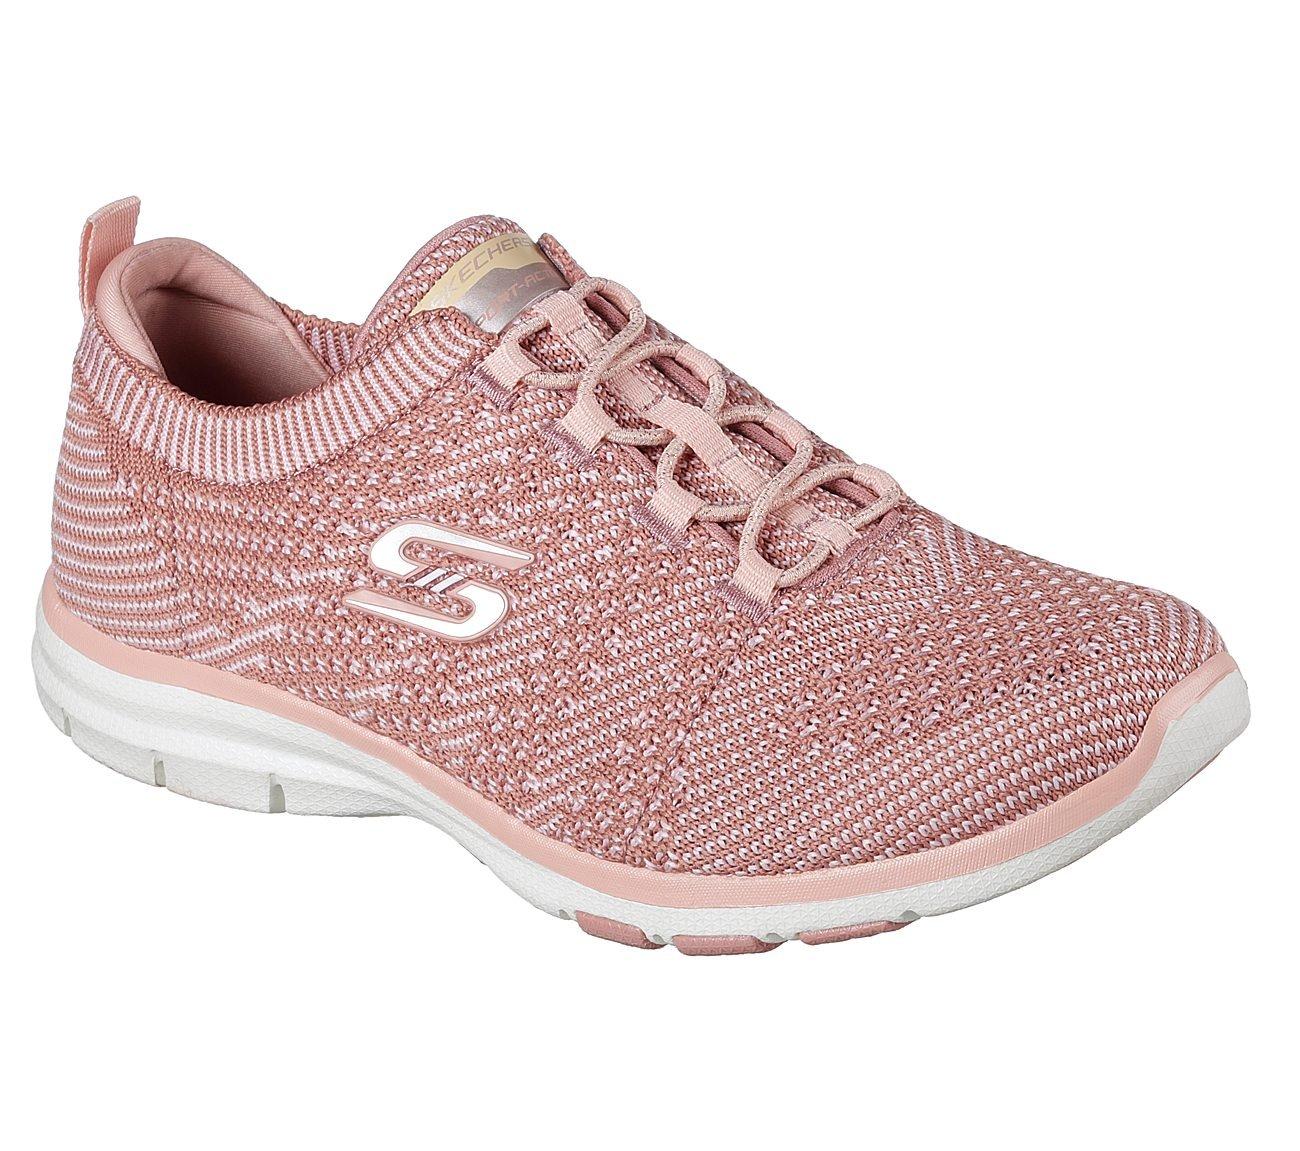 Skechers Sport Women's Galaxies Fashion Sneaker B074PX3245 7.5 B(M) US|Rose